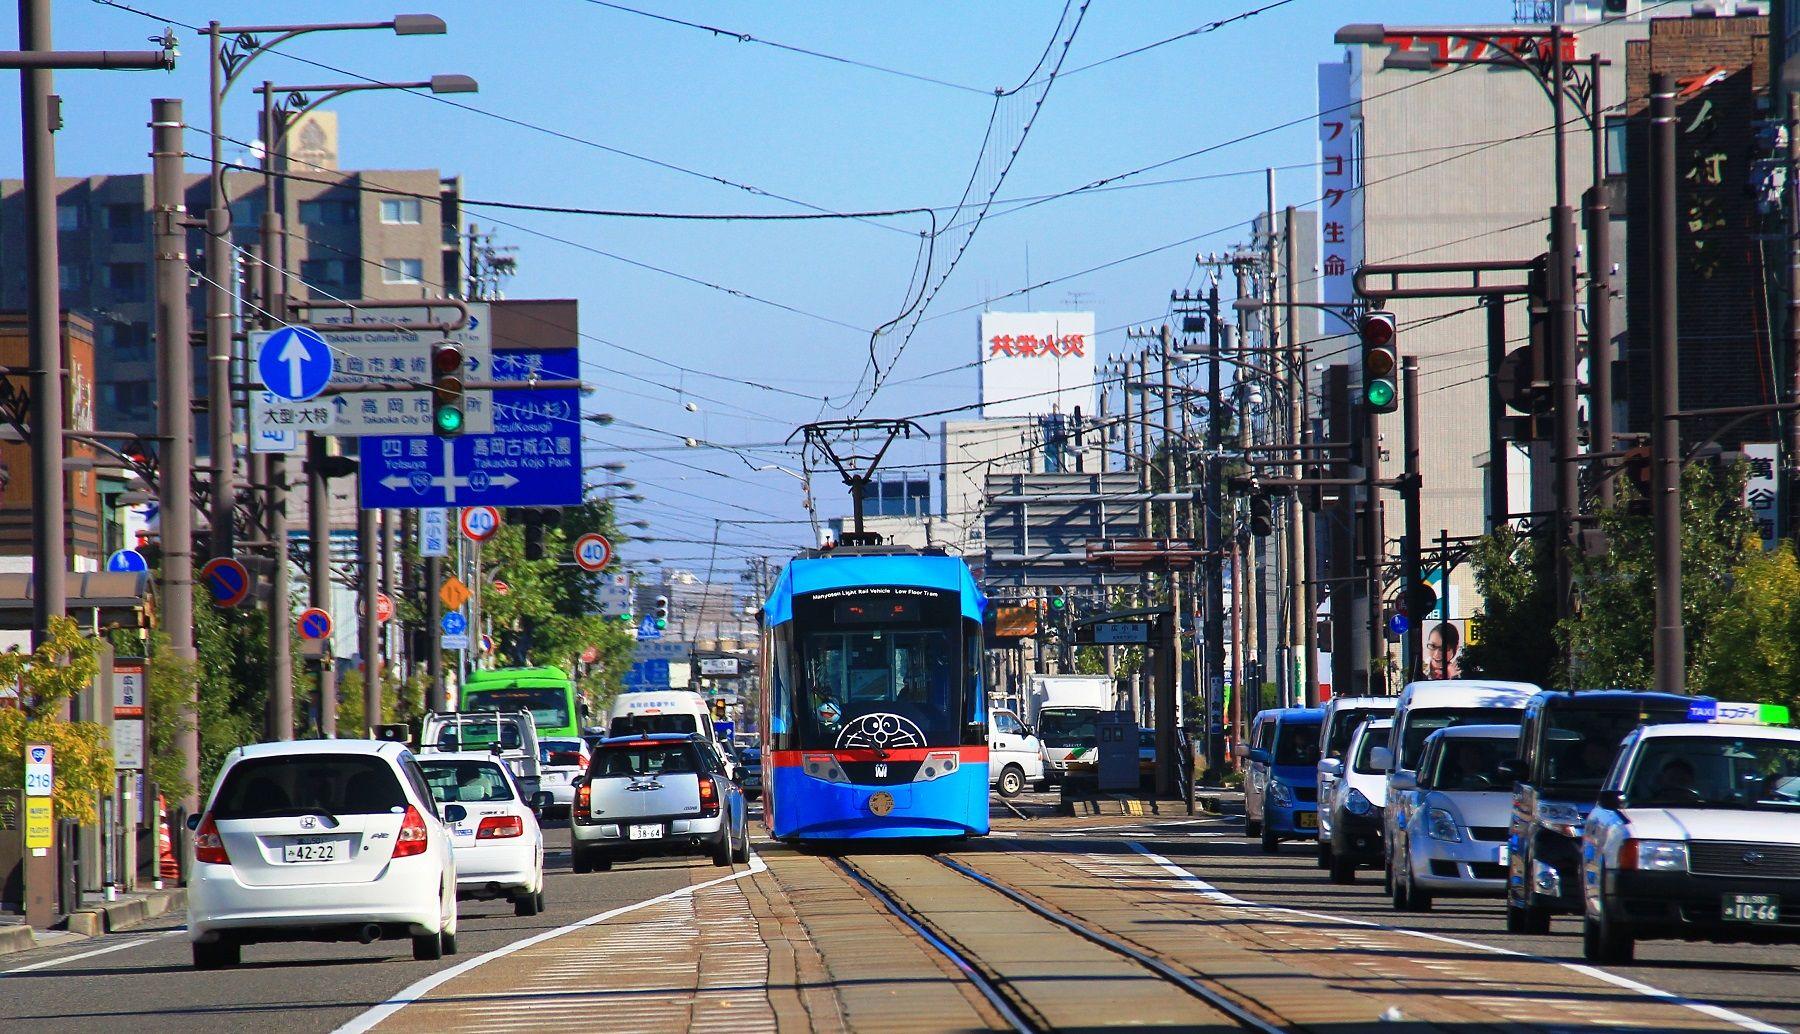 日本, 北陸, 哆啦A夢電車, 哆啦A夢, 小叮噹, 電車